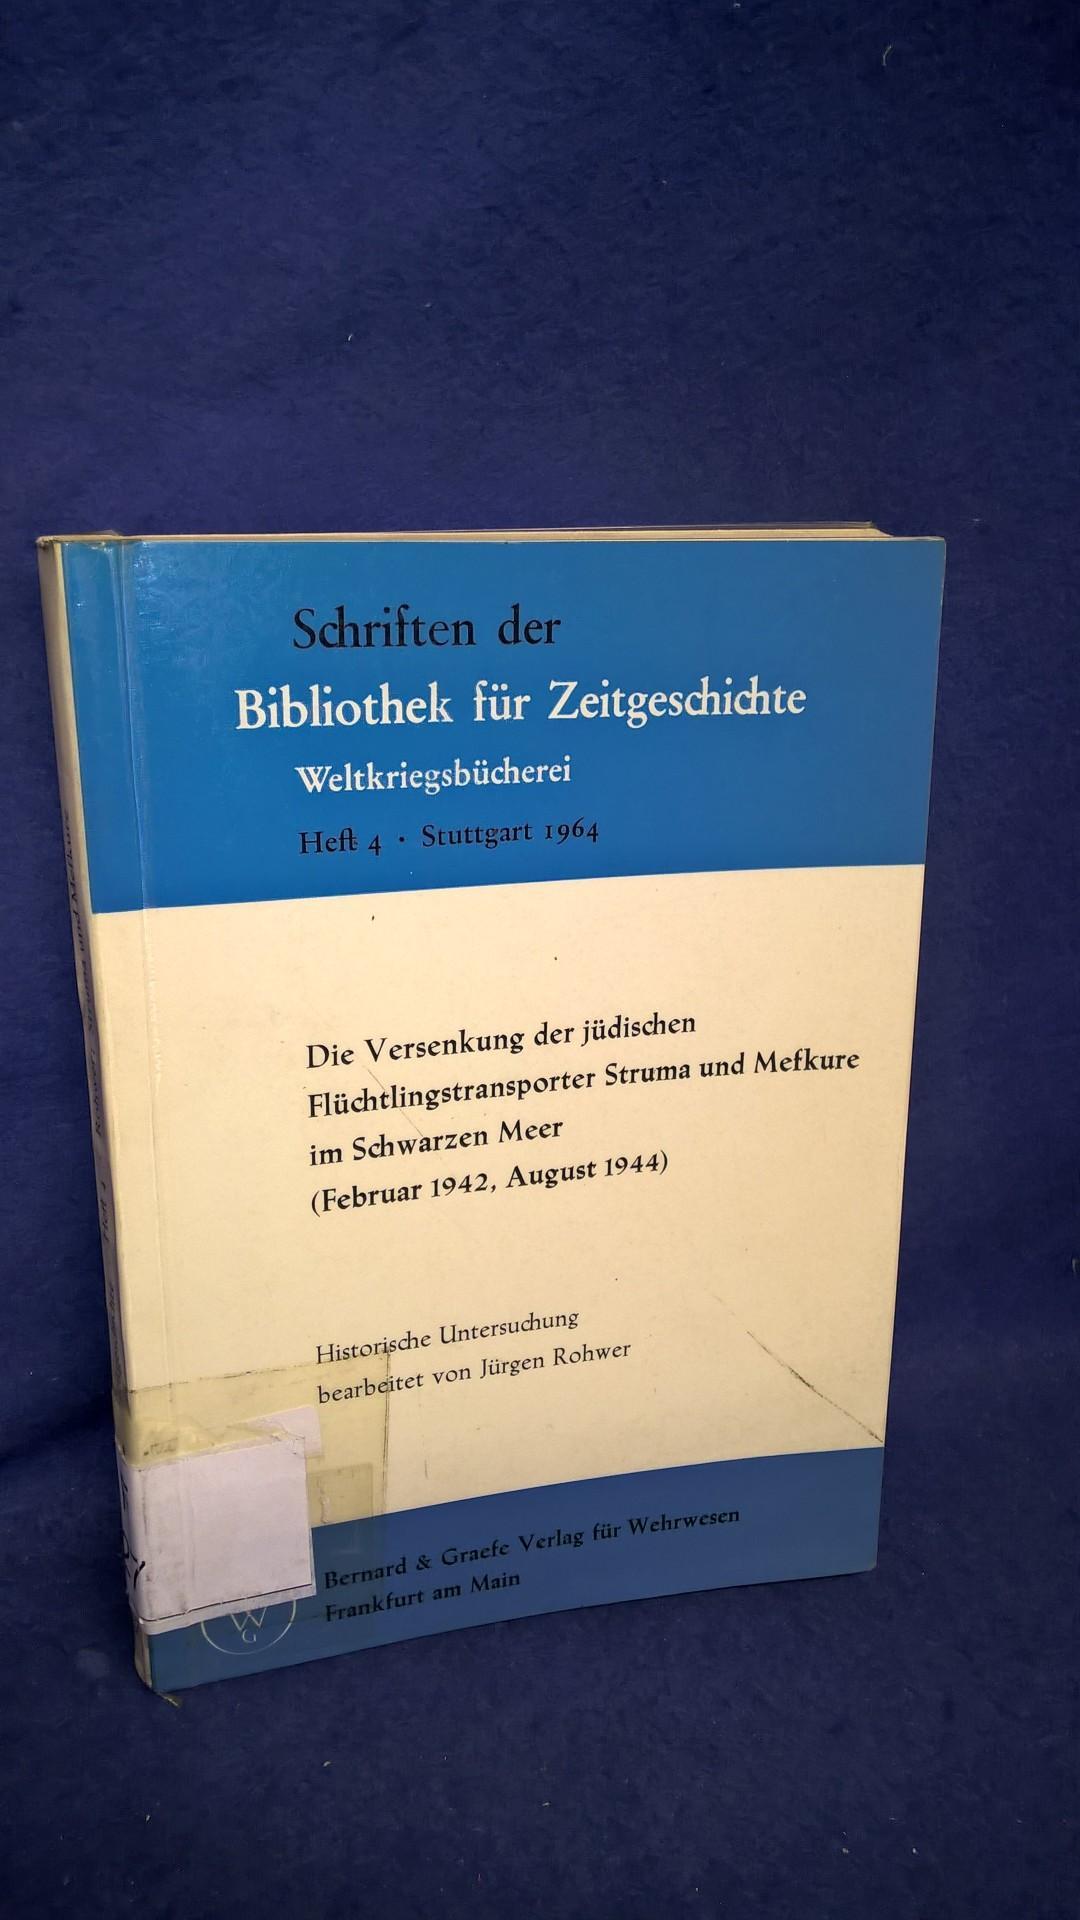 Die Versenkung der jüdischen Flüchtlingstransporter Struma ud Mefkure im Schwarzen Meer. (Februar 1942/August 1944).